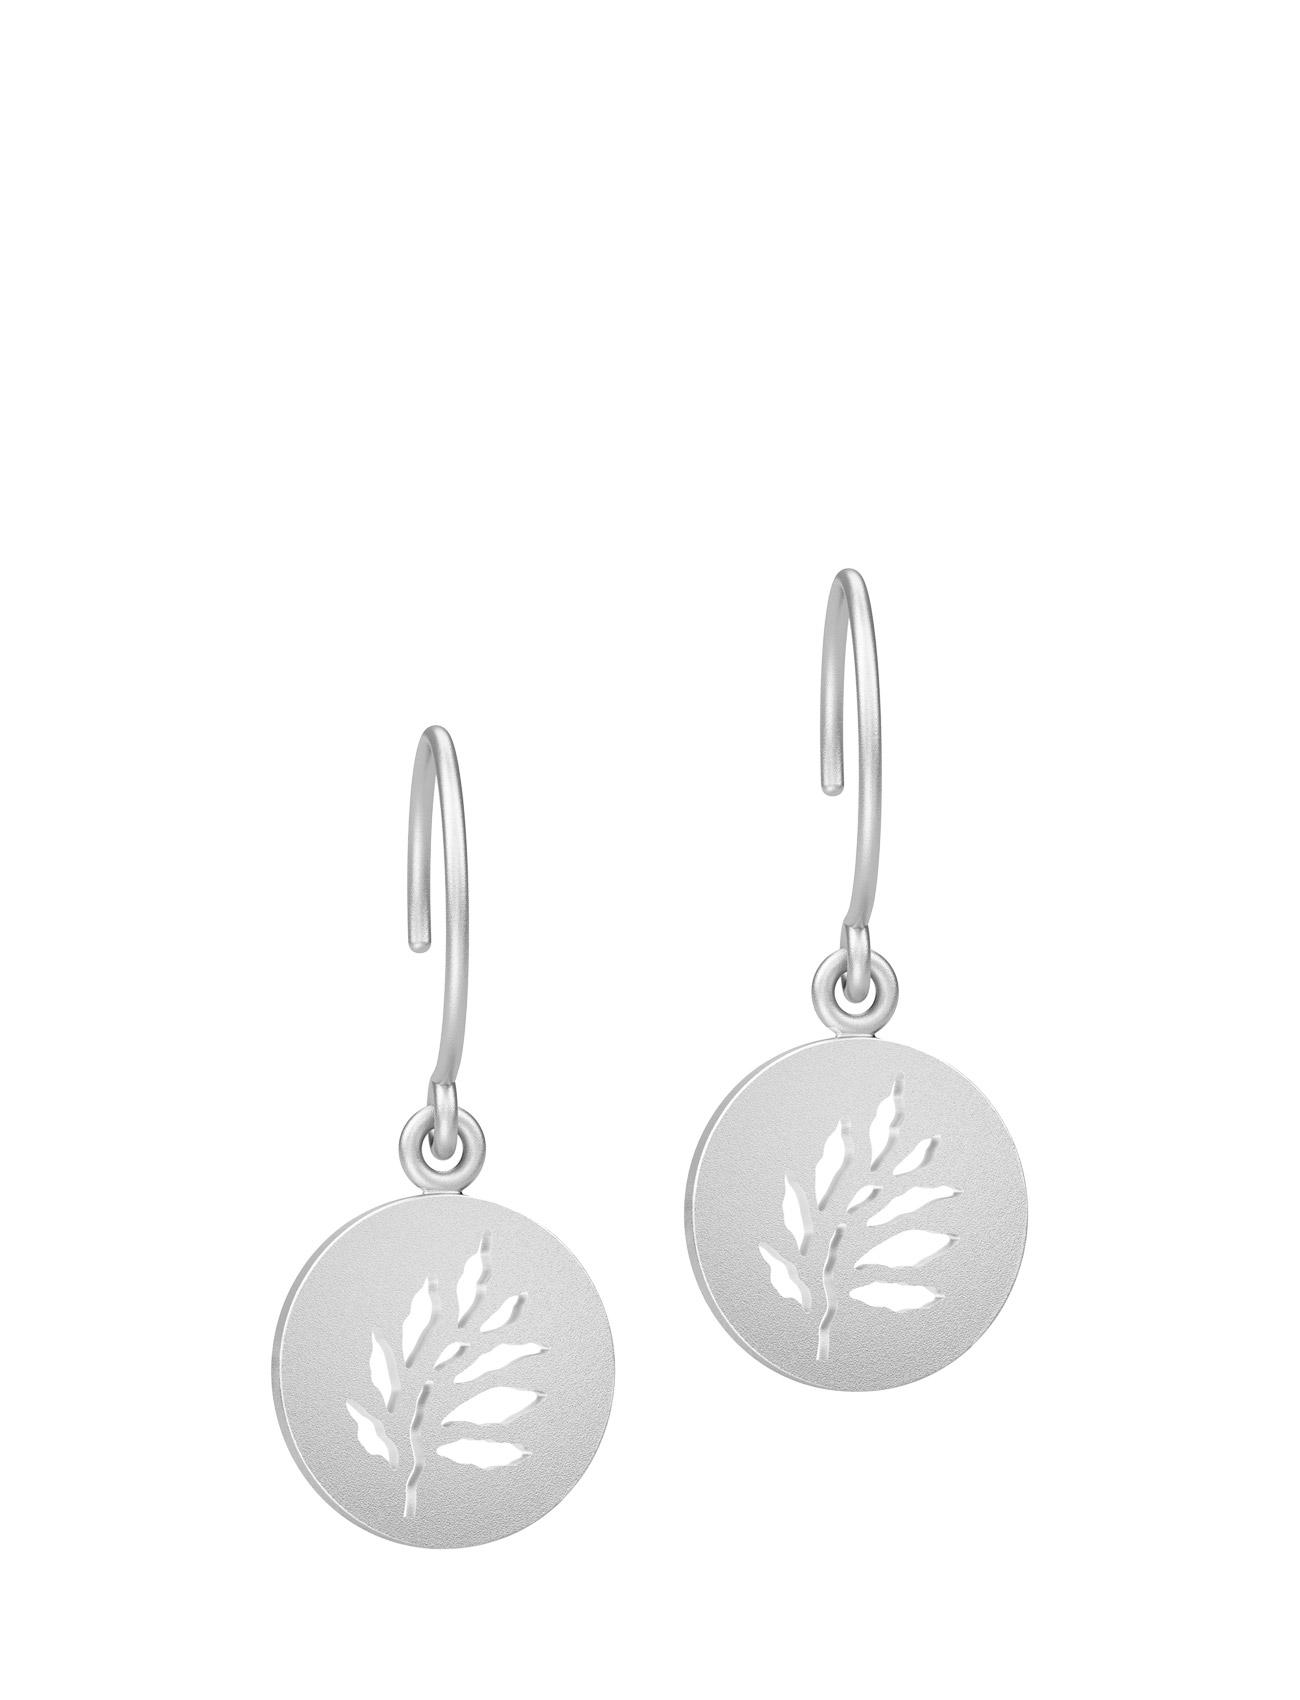 Signature Earring - Rhodium Julie Sandlau Smykker til Damer i Sølv